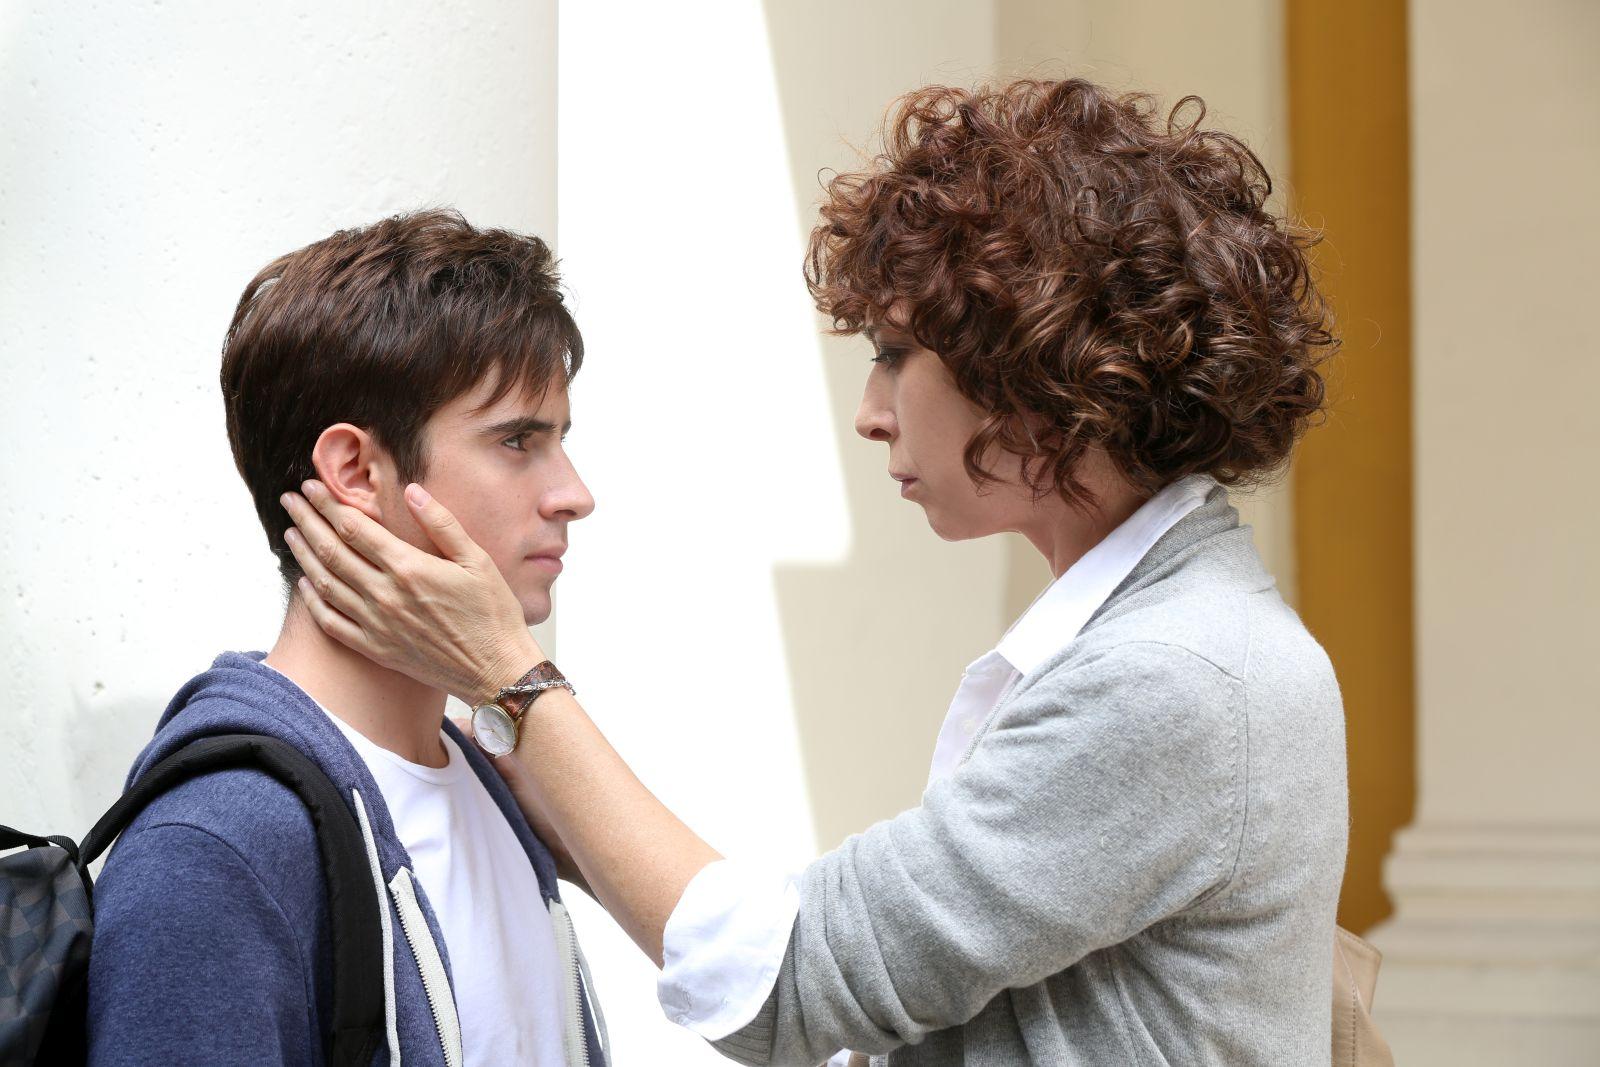 Né Giulietta né Romeo: Veronica Pivetti e Andrea Amato in una scena del film